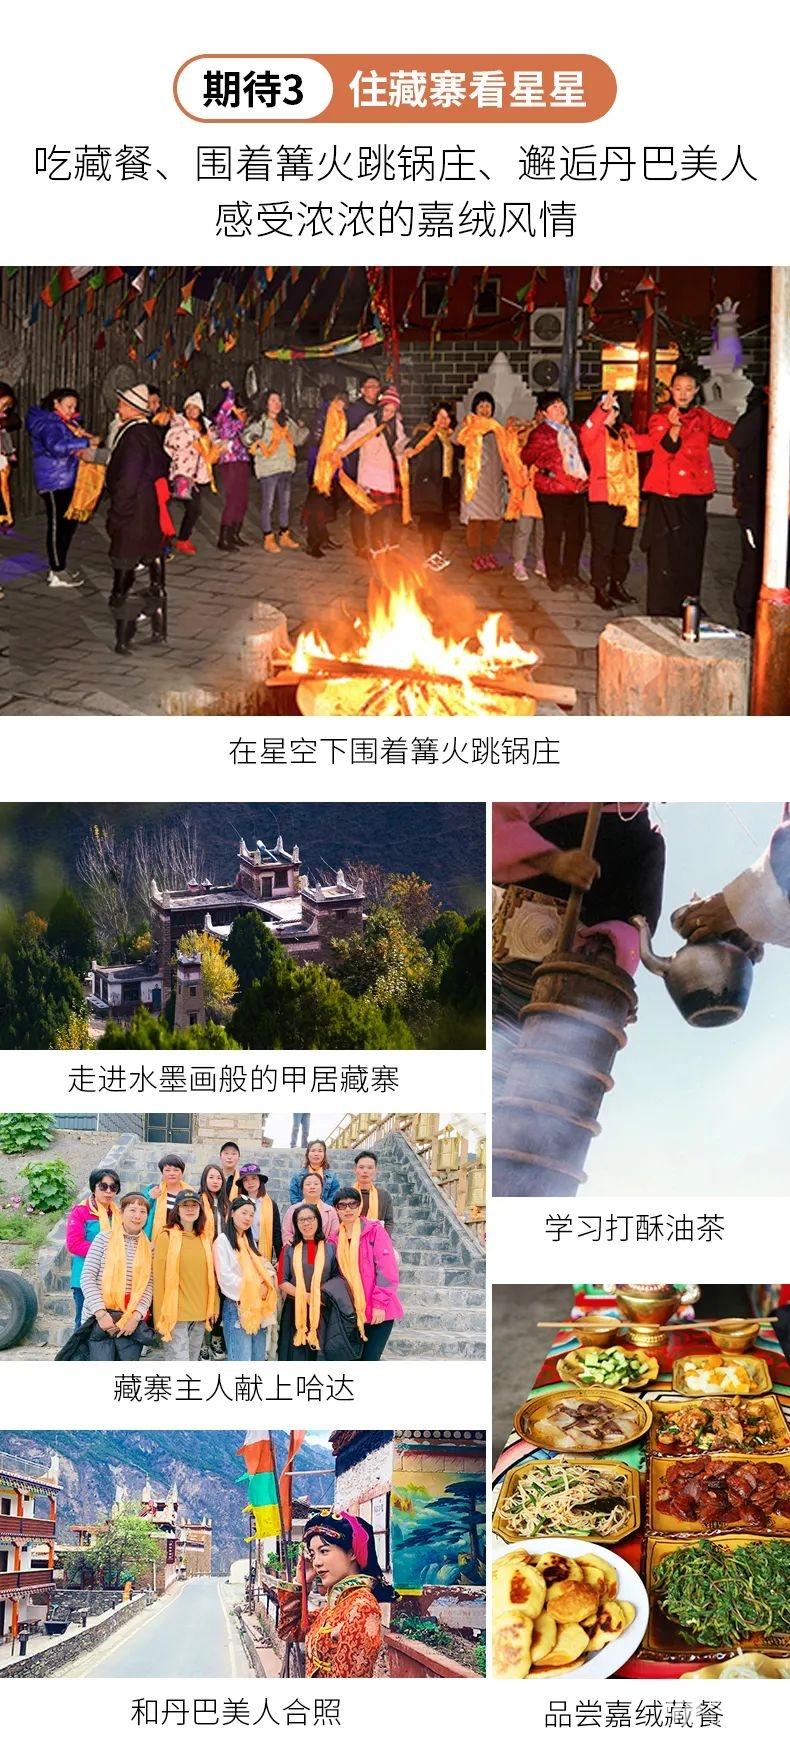 (8)【大美四海】赏冬雪 · 泡温泉 2-8人VIP小团-户外活动图-驼铃网